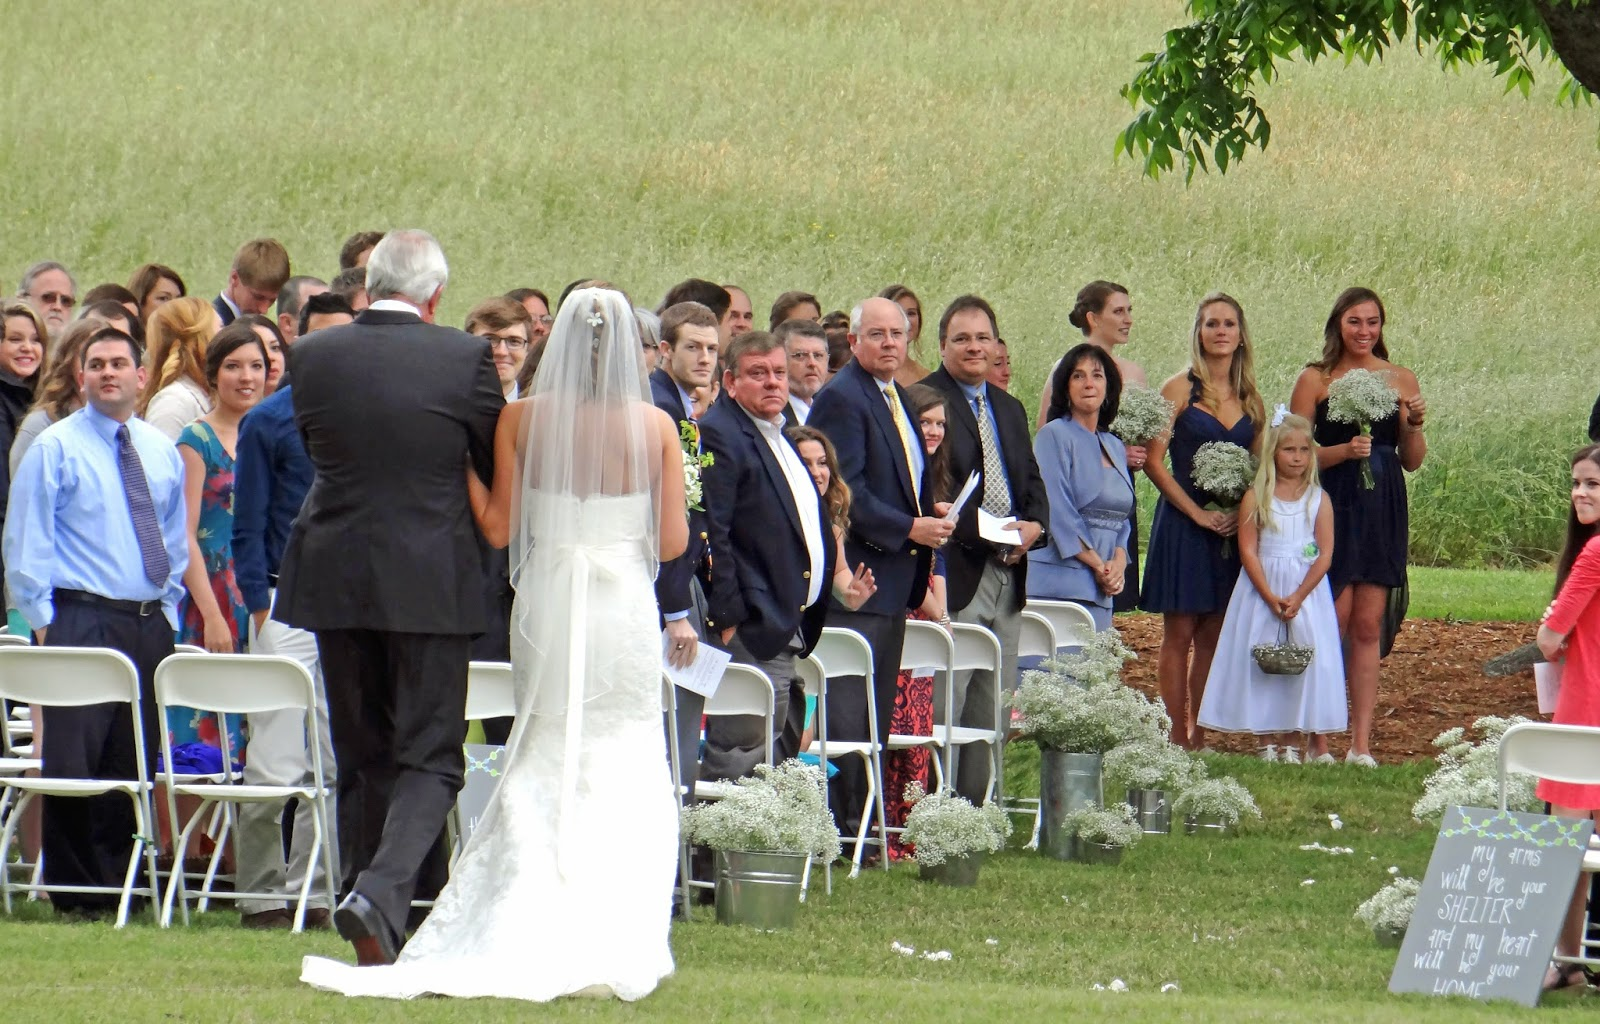 Christine leach wedding